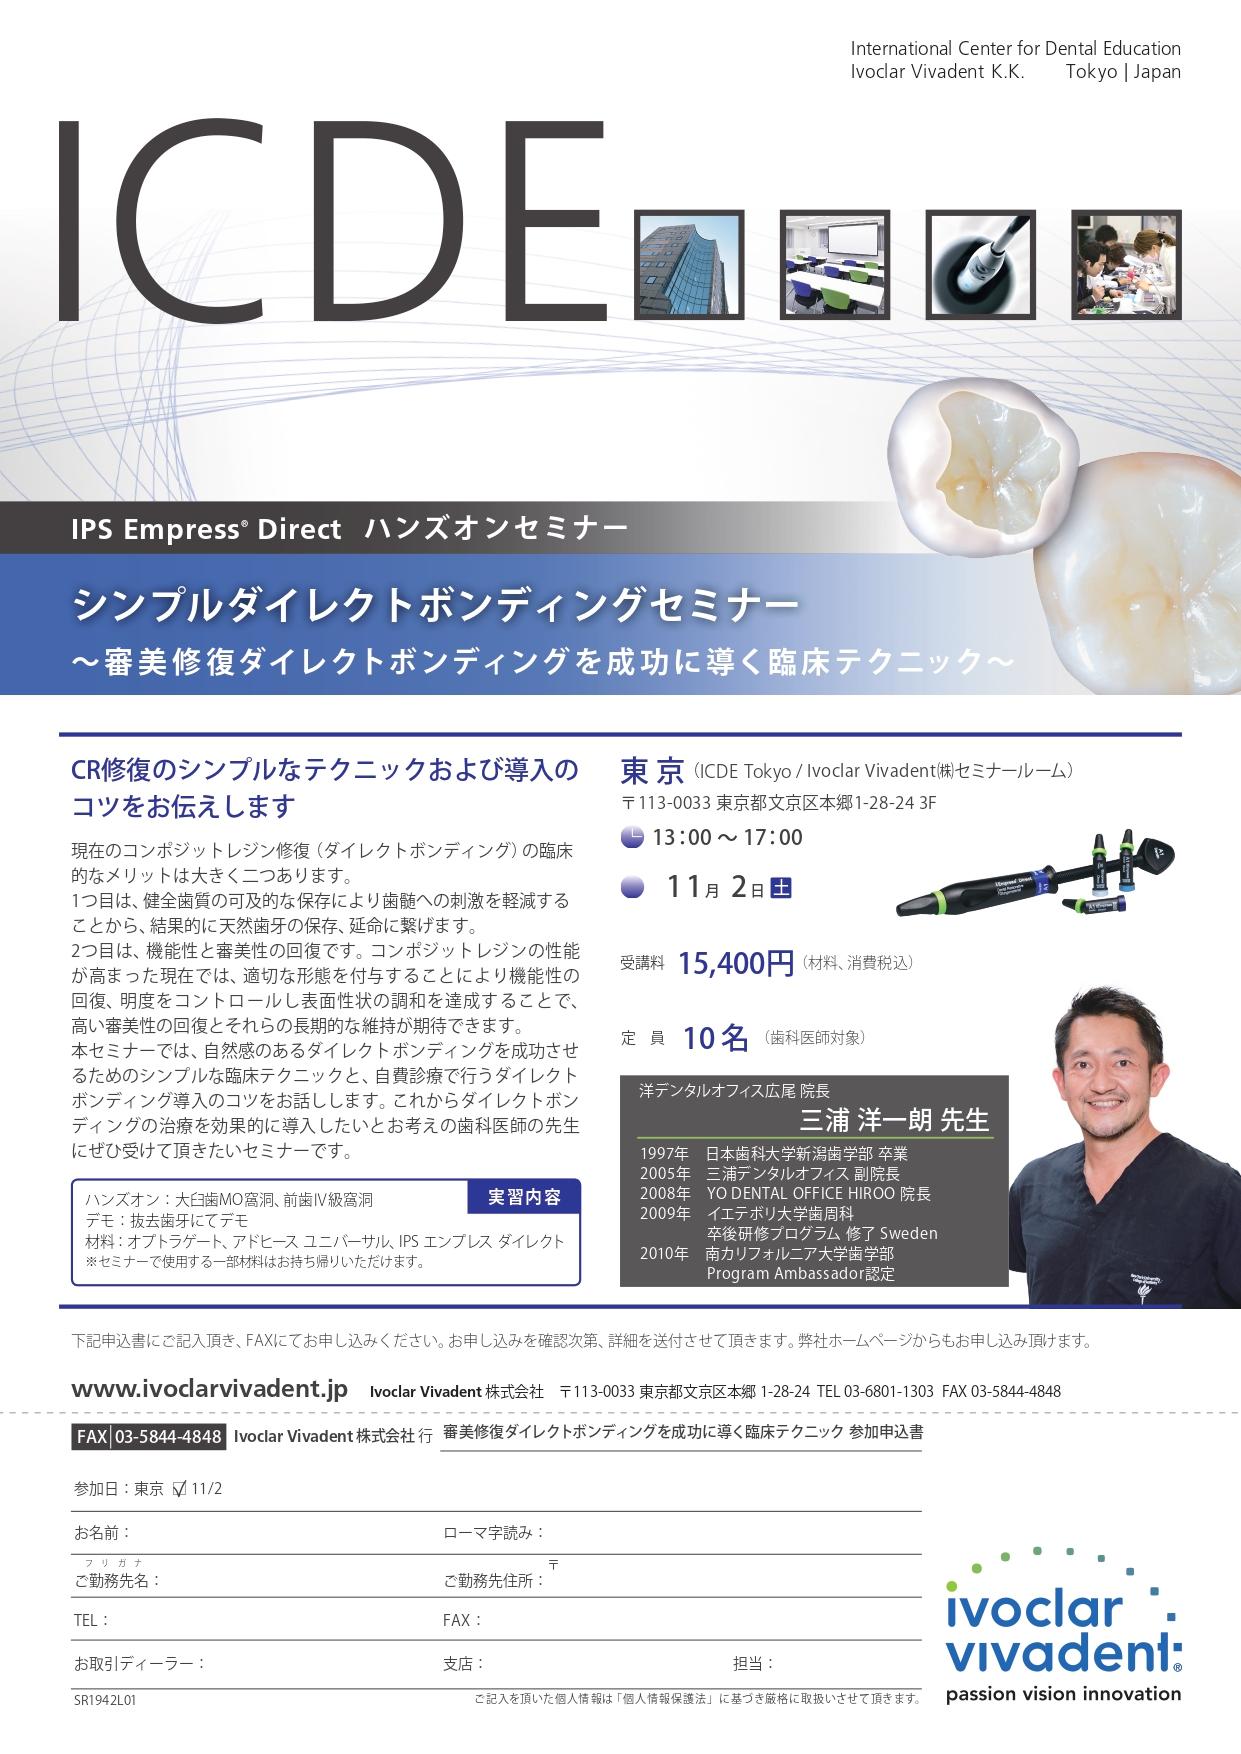 IPS Empress® Direct ハンズオンセミナー ~ 審美修復ダイレクトボンディングを成功に導く臨床テクニック~